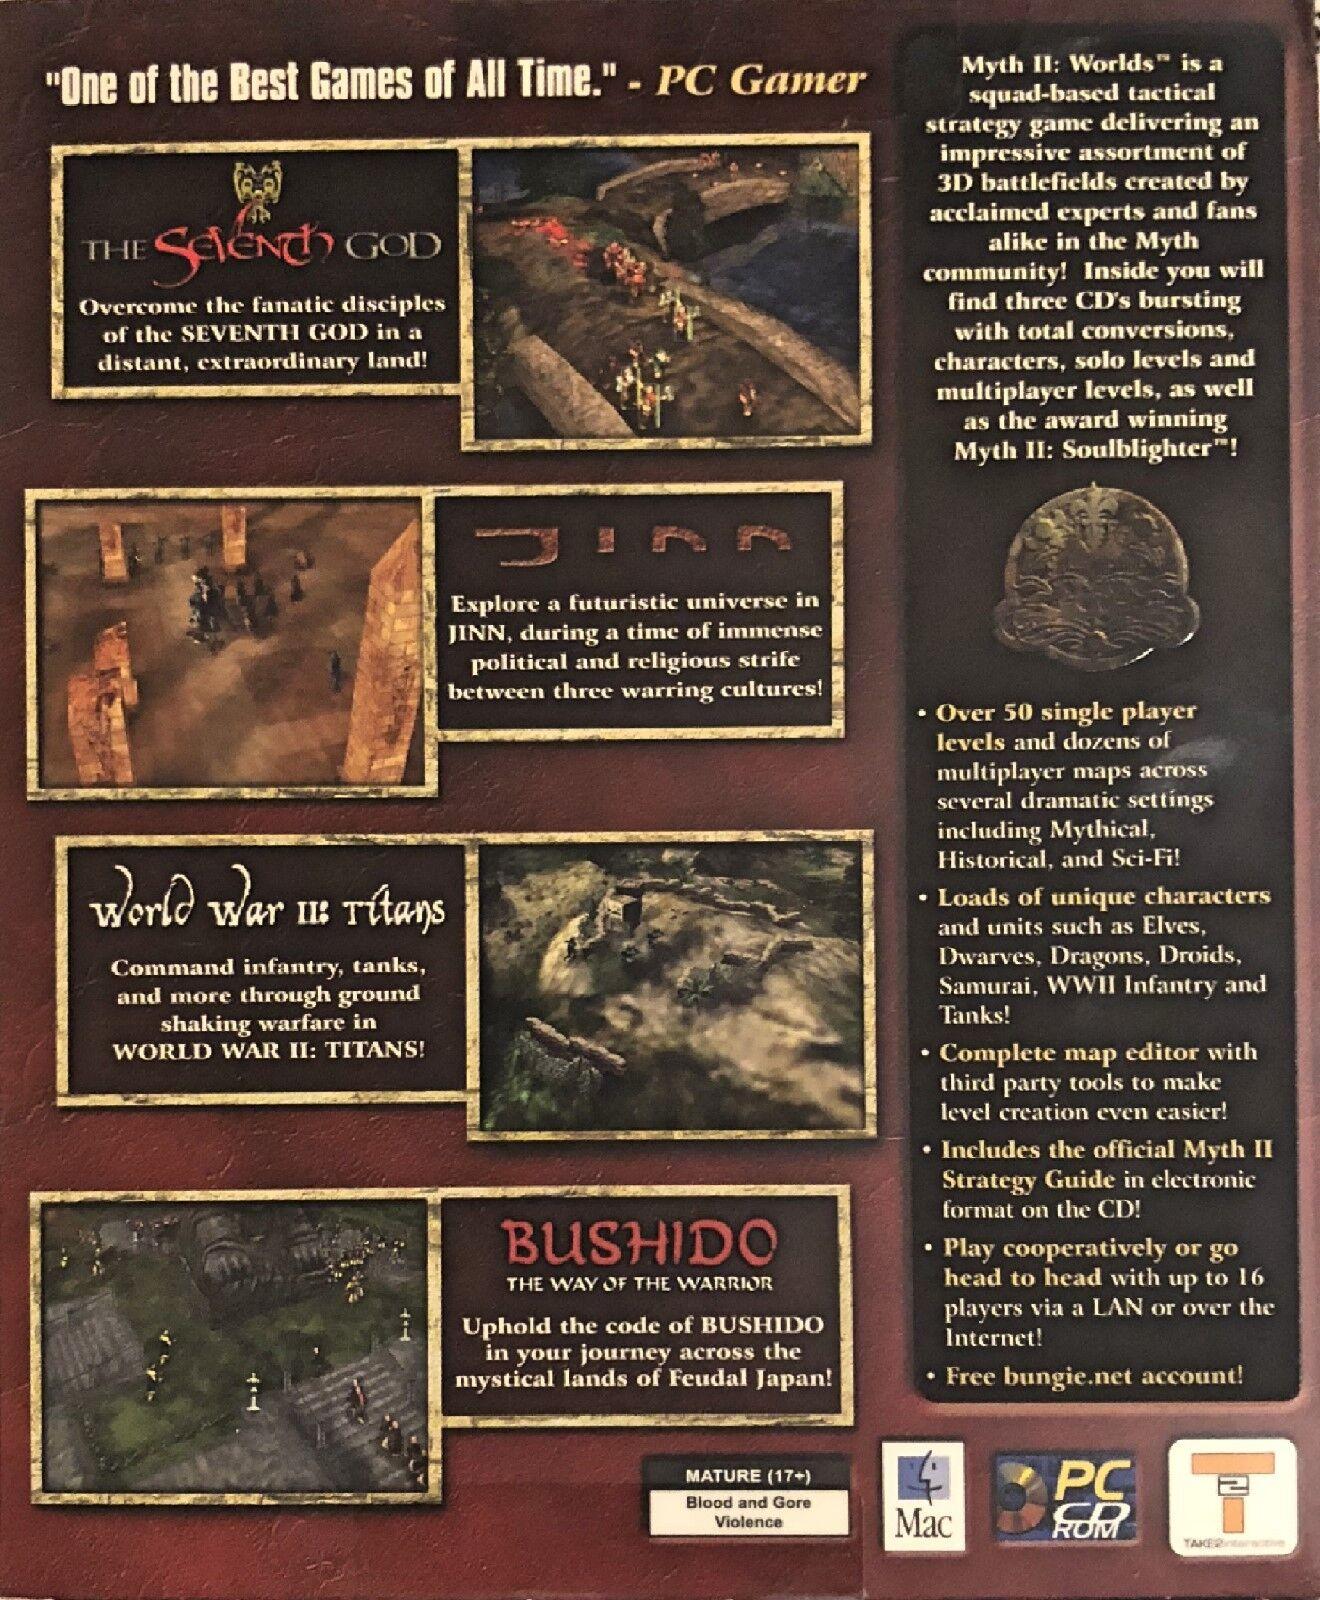 Myth II: Worlds (Windows/Mac, 2001)